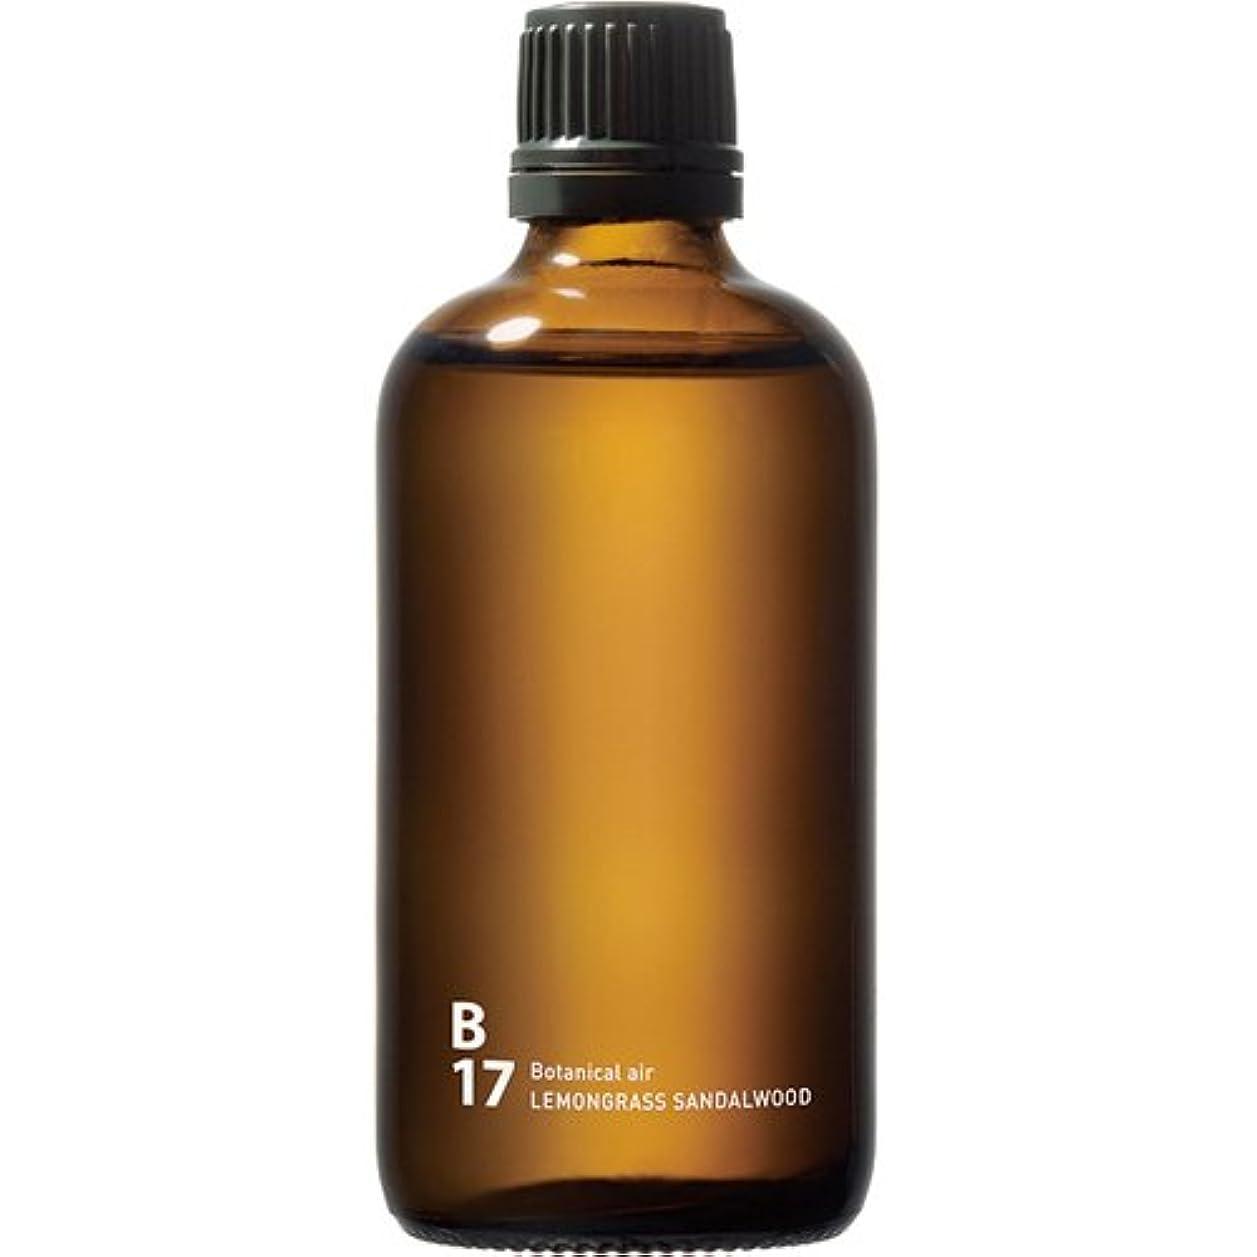 絶対の抜本的なコメンテーターB17 LEMONGRASS SANDALWOOD piezo aroma oil 100ml